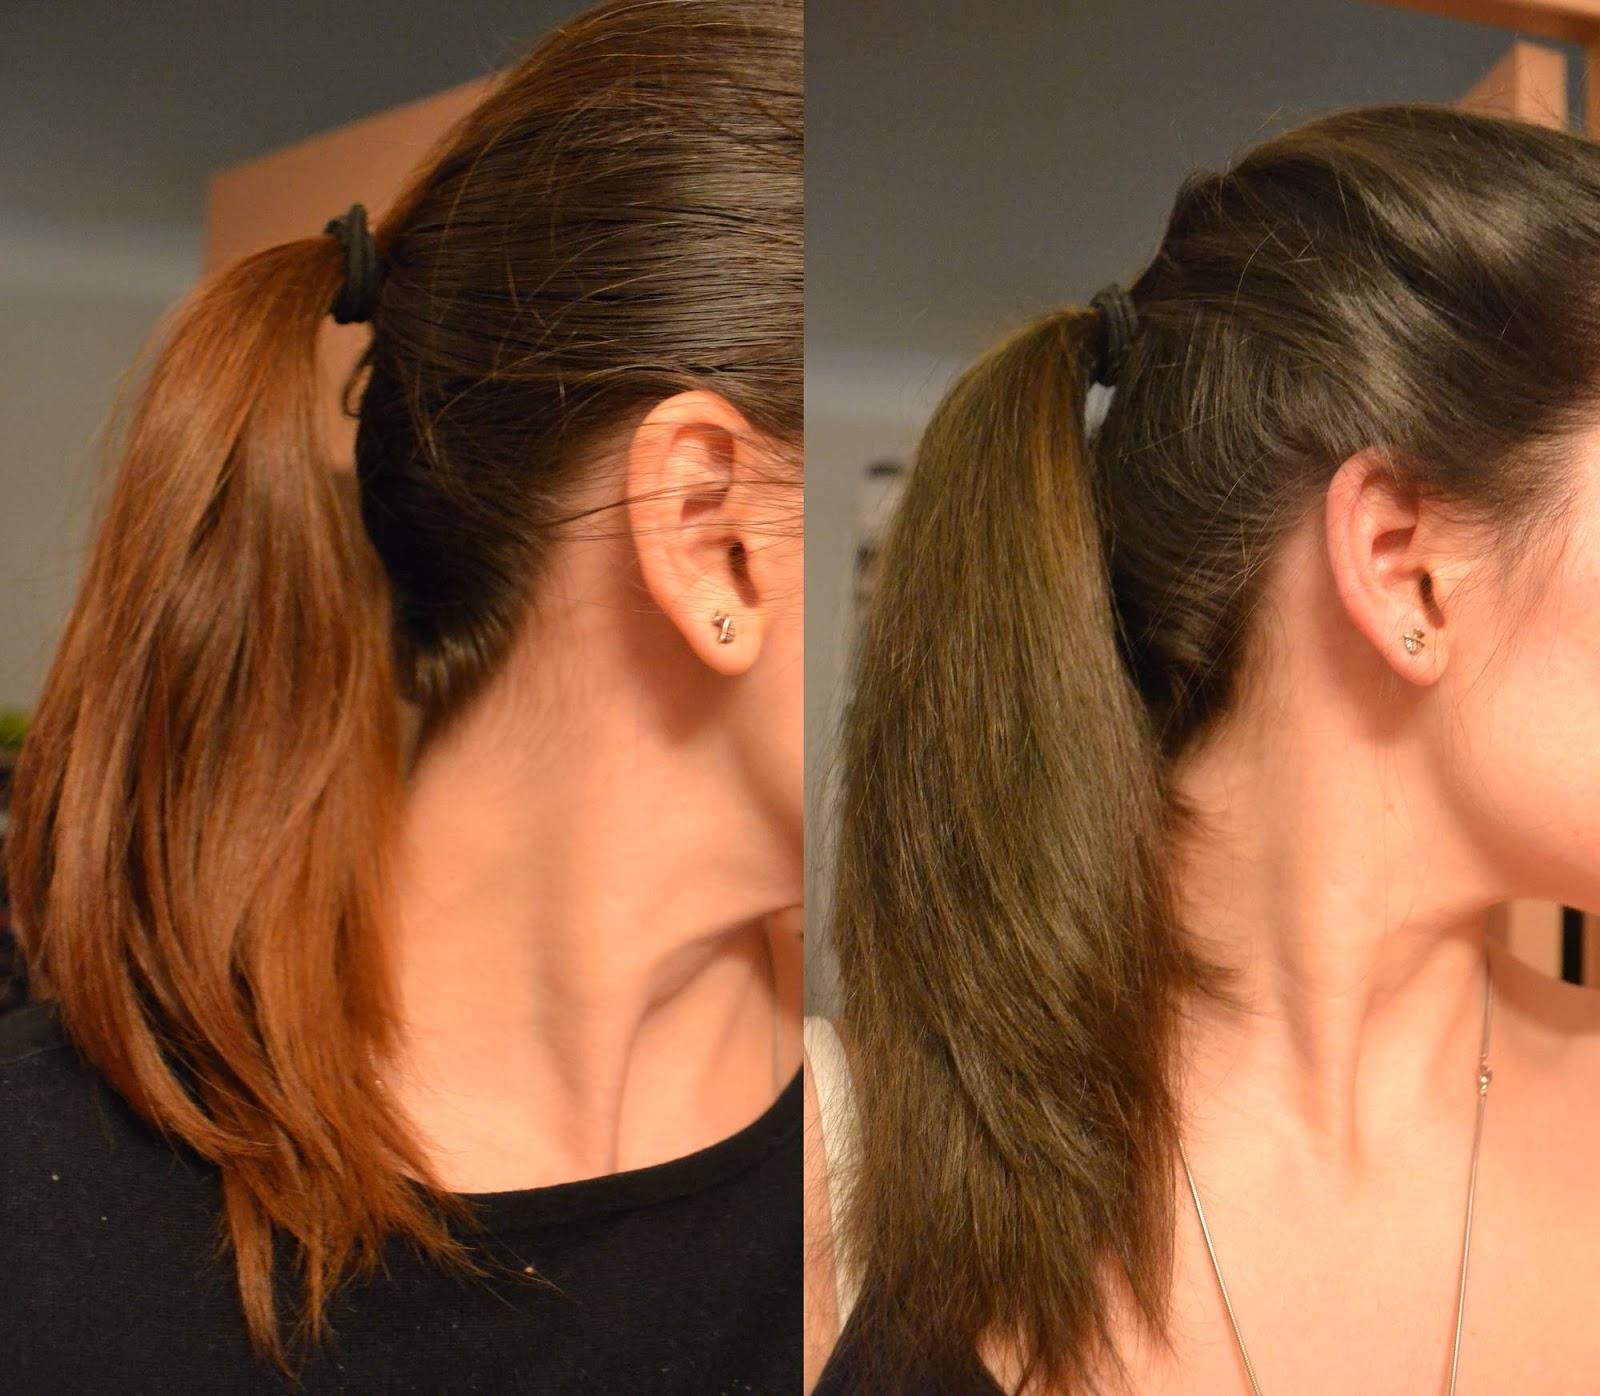 il y a une diffrence essentielle entre une coloration par oxydation et une coloration vgtale si la premire remplace la couleur de votre cheveu par une - Coloration Vegetale